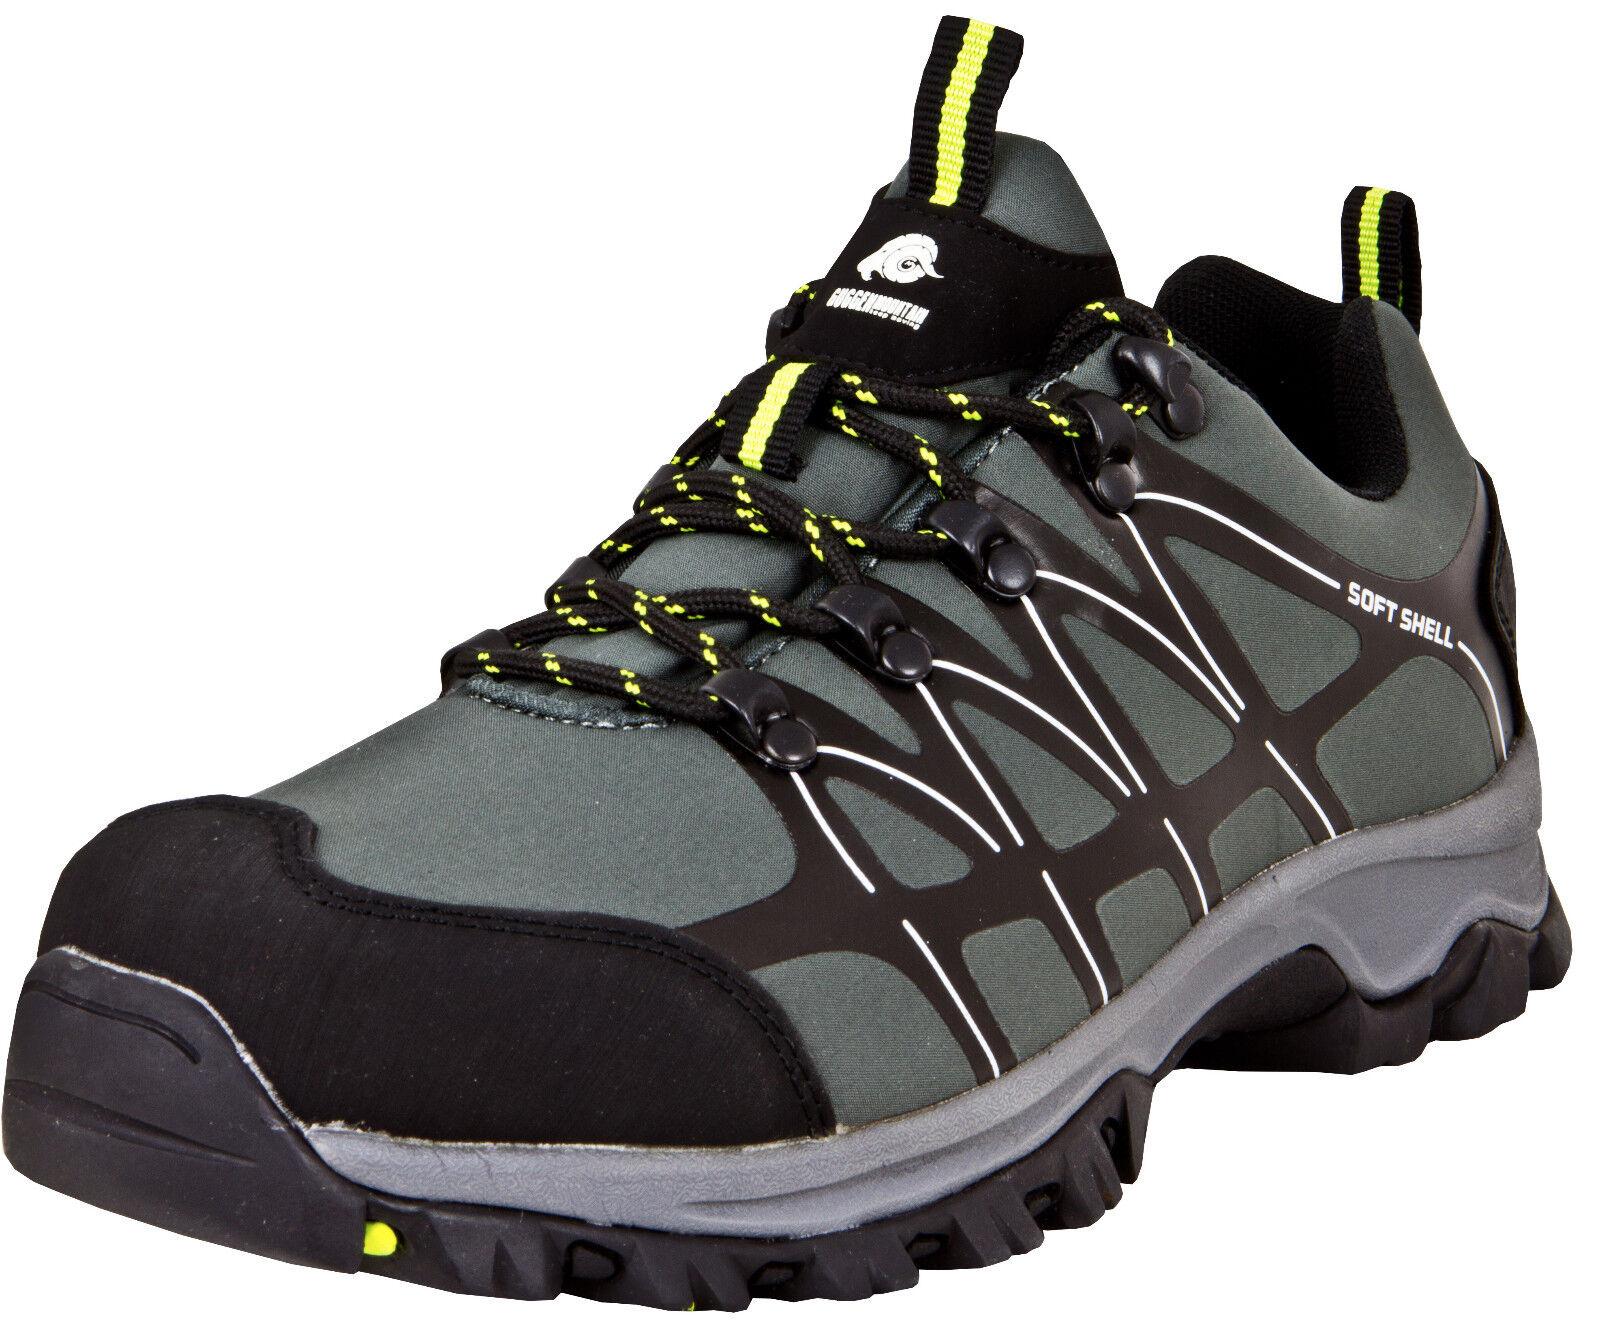 Grandes descuentos nuevos zapatos Gas cortos snakers zapatos Men Shoes nuevo